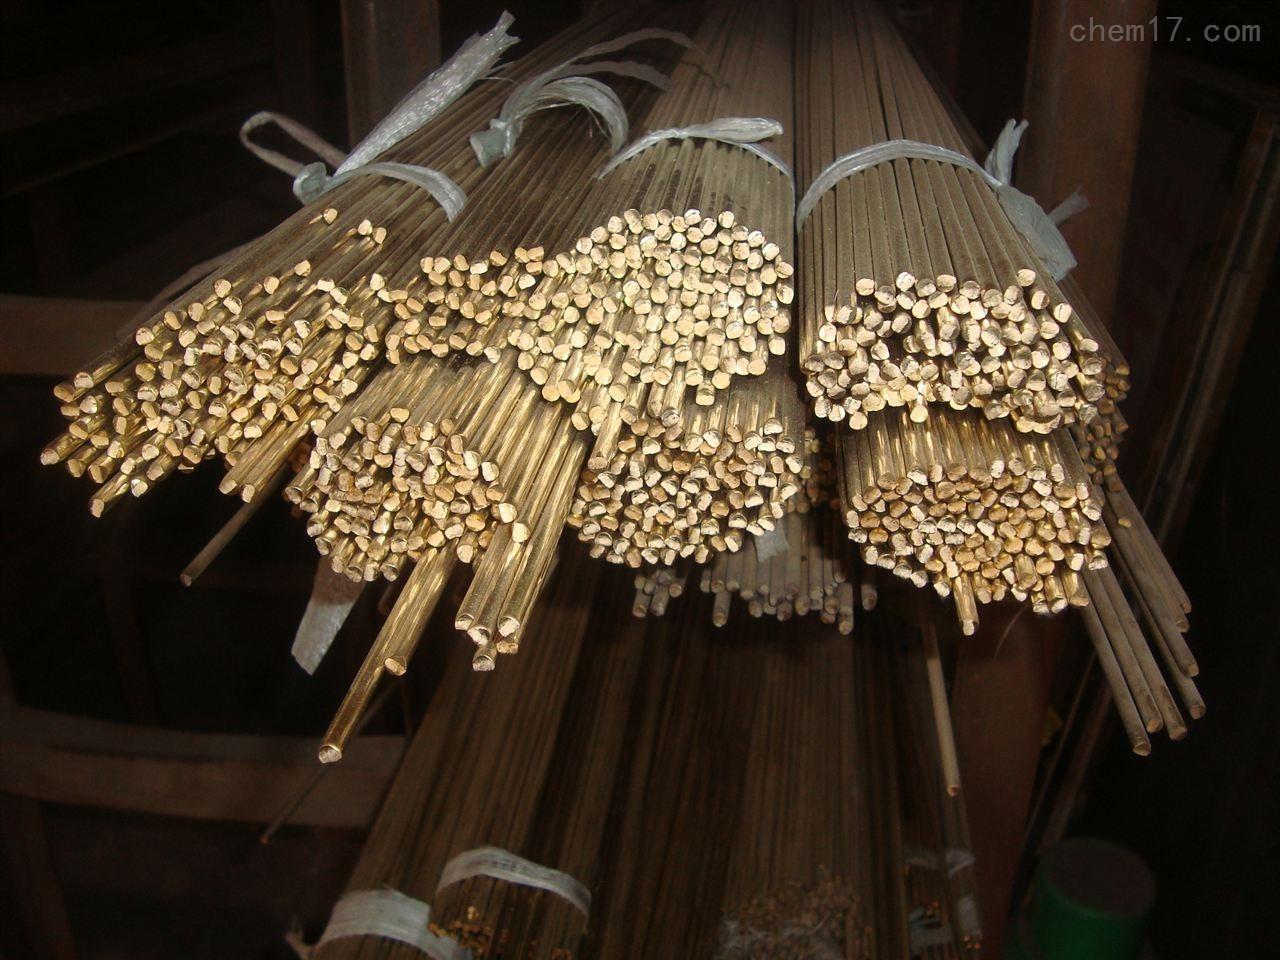 延安黄铜棒价格,生产厂家